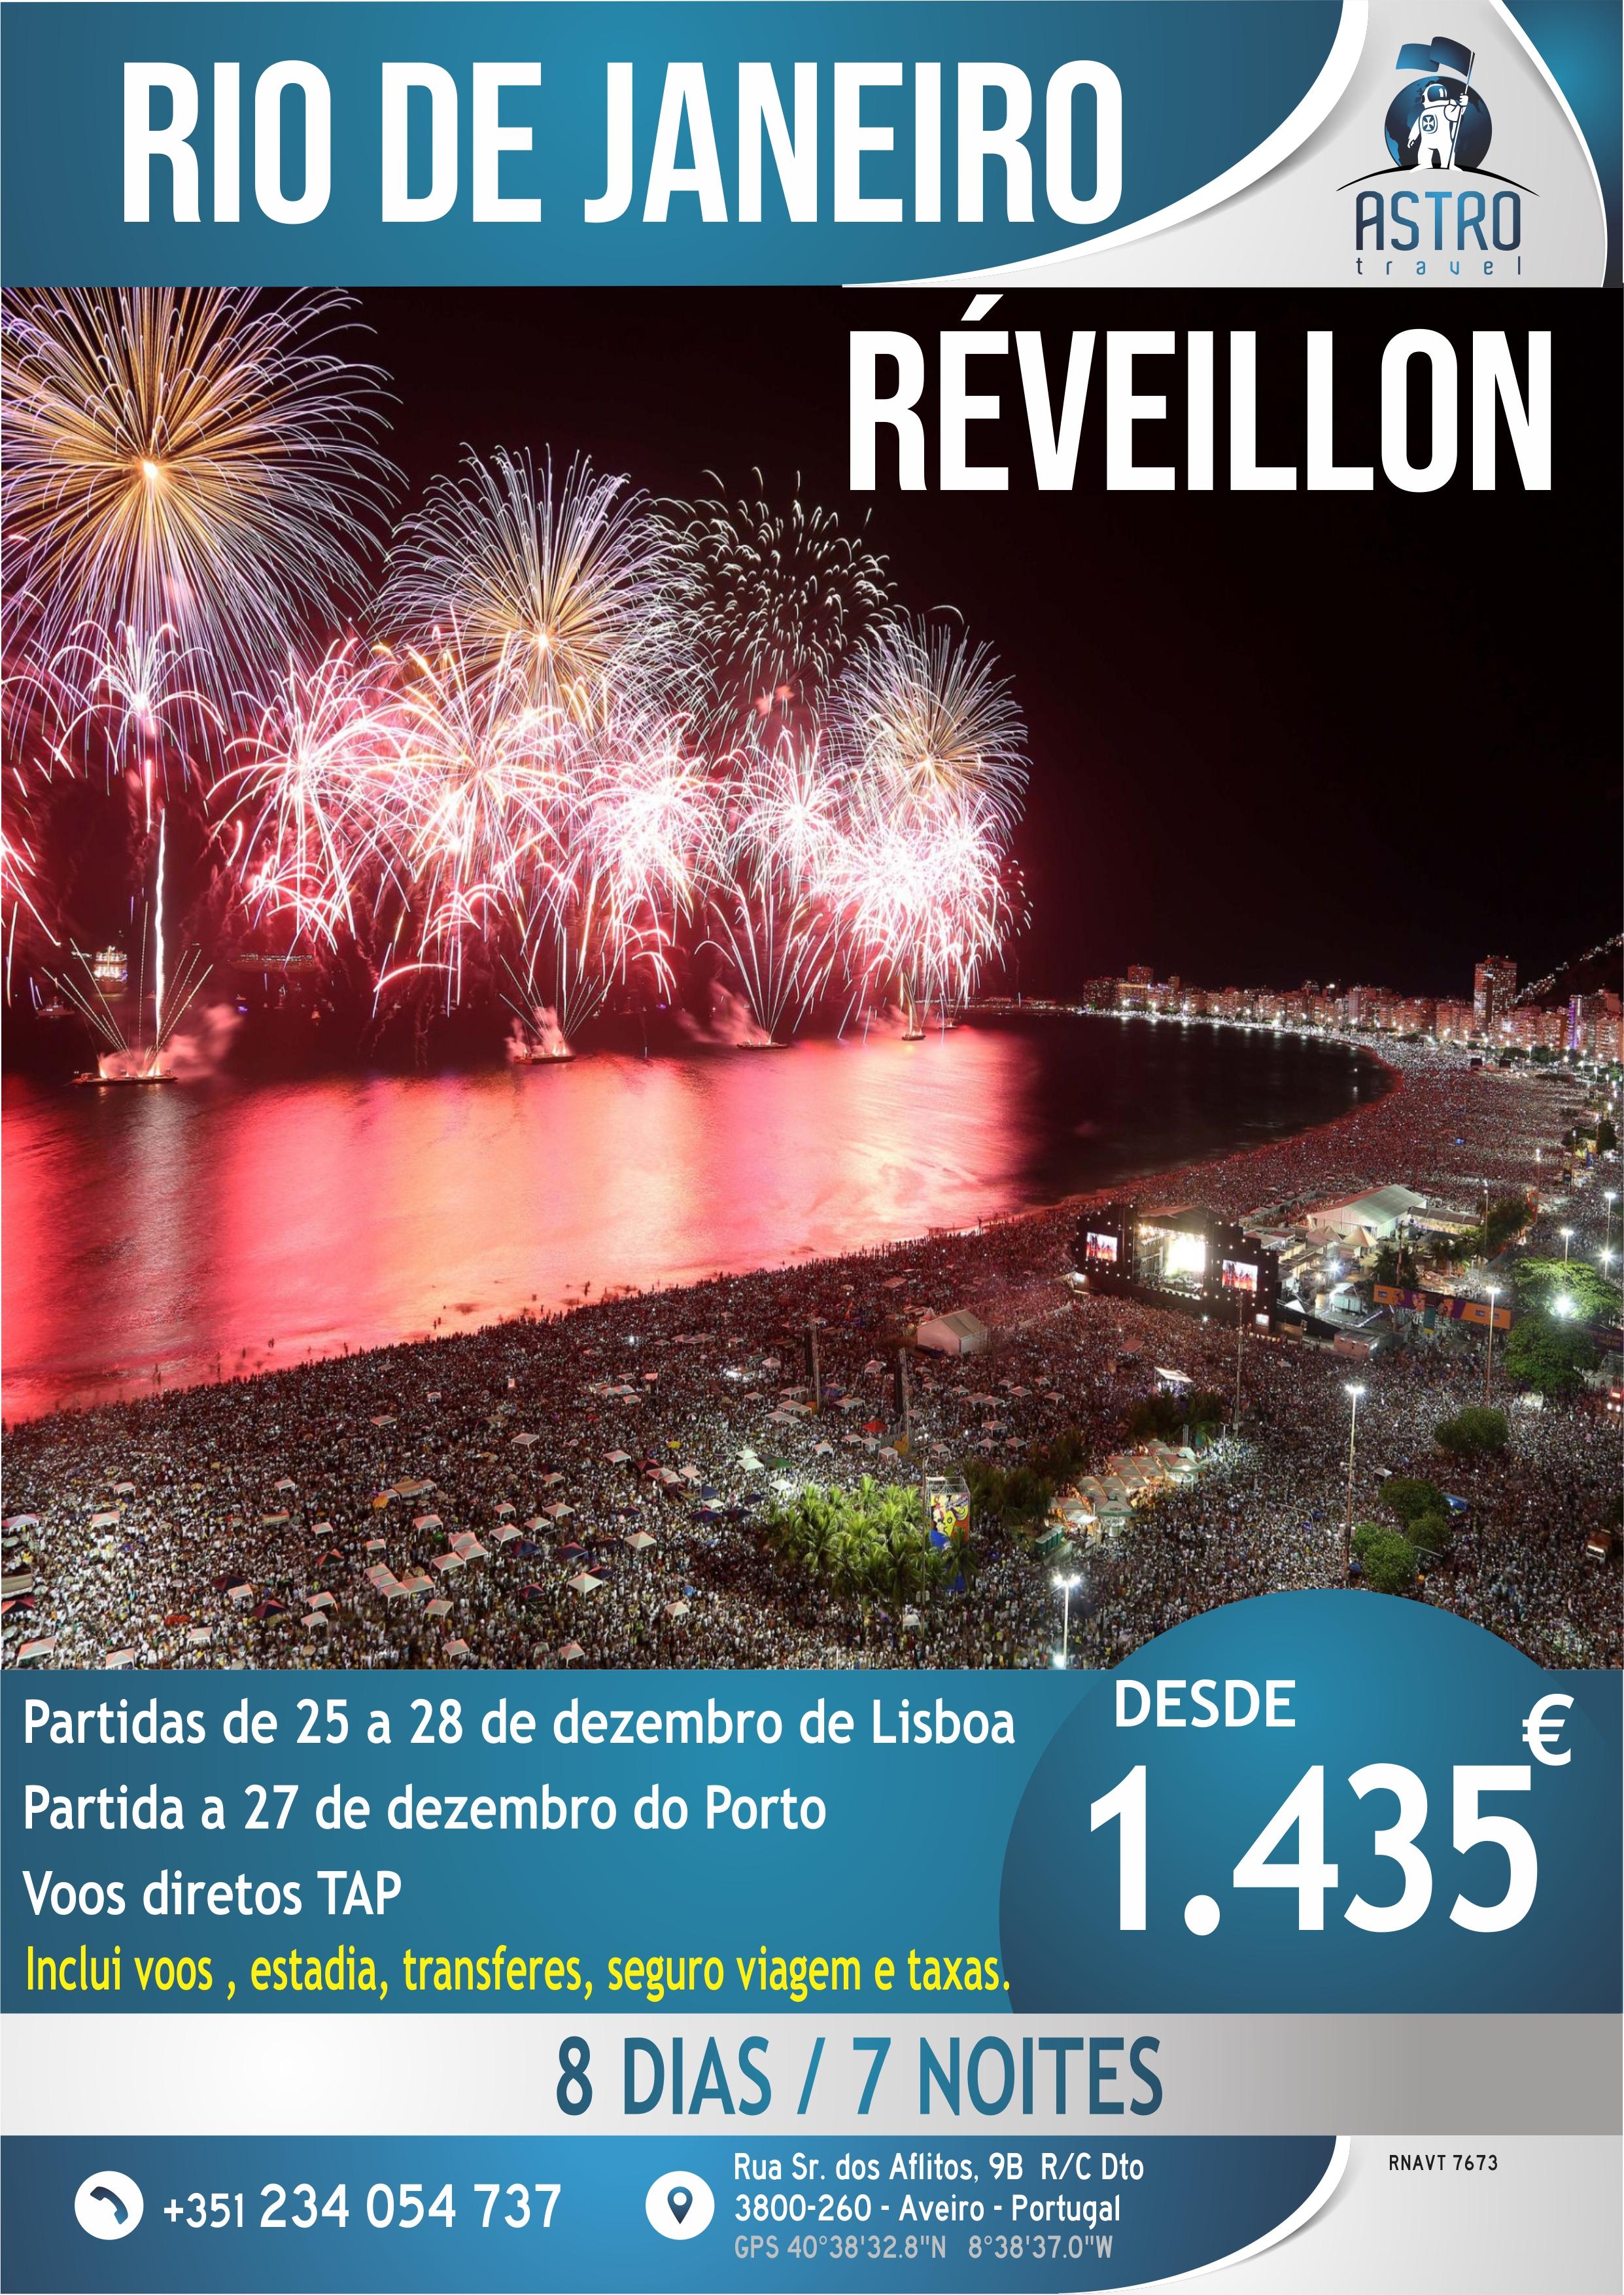 RÉVEILLON RIO DE JANEIRO 3